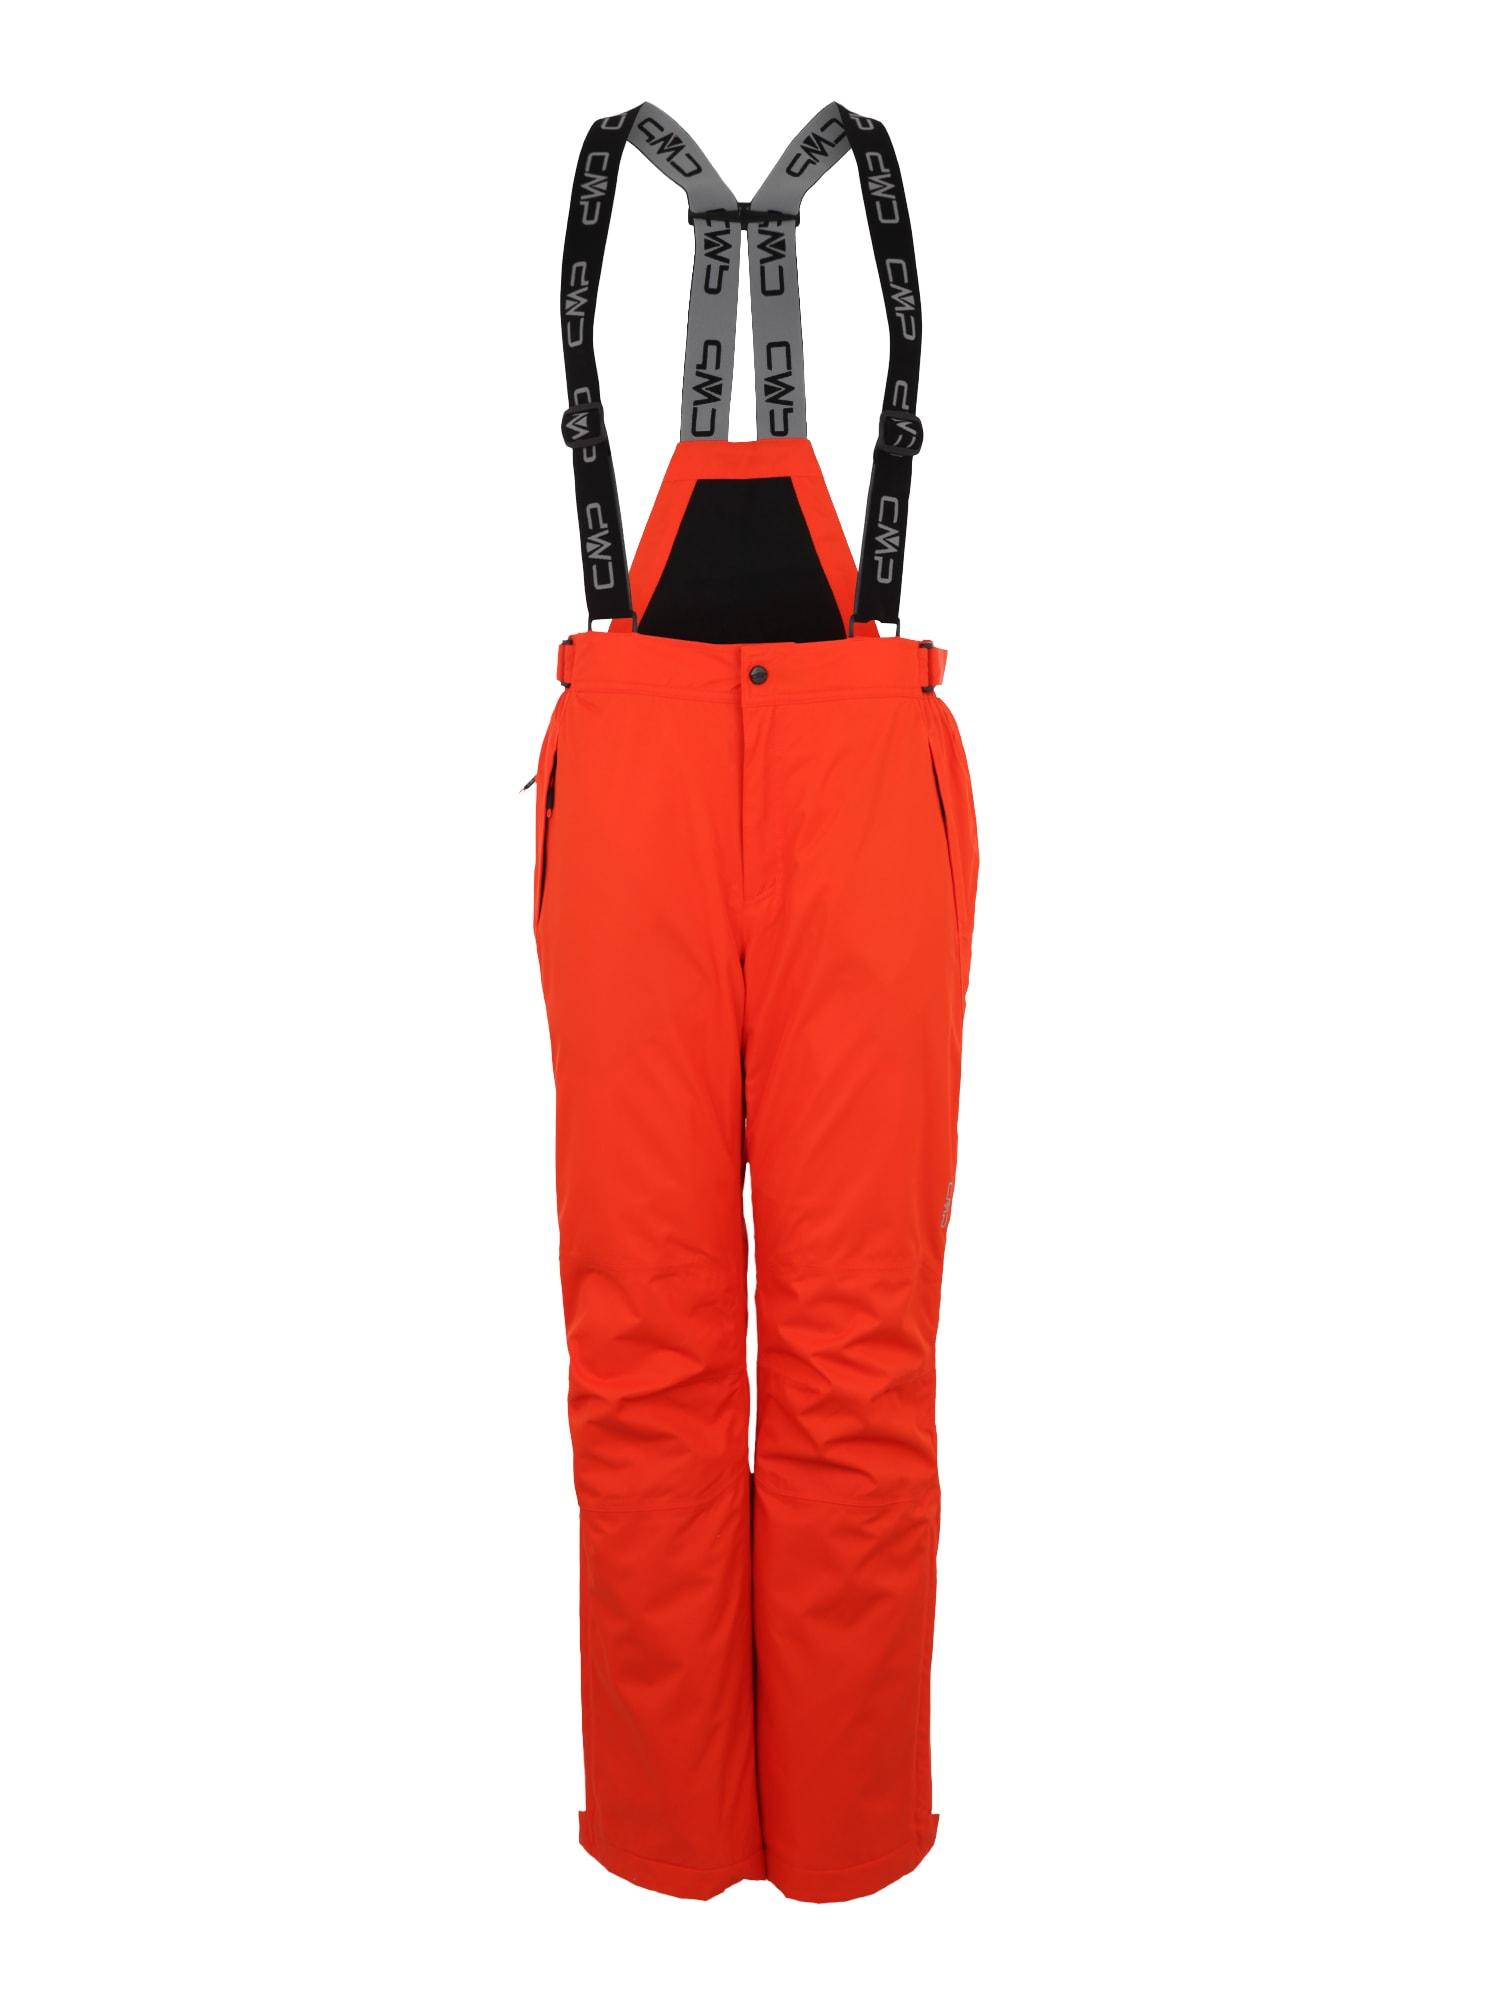 Outdoorové kalhoty MAN SKI SALOPETTE oranžová CMP